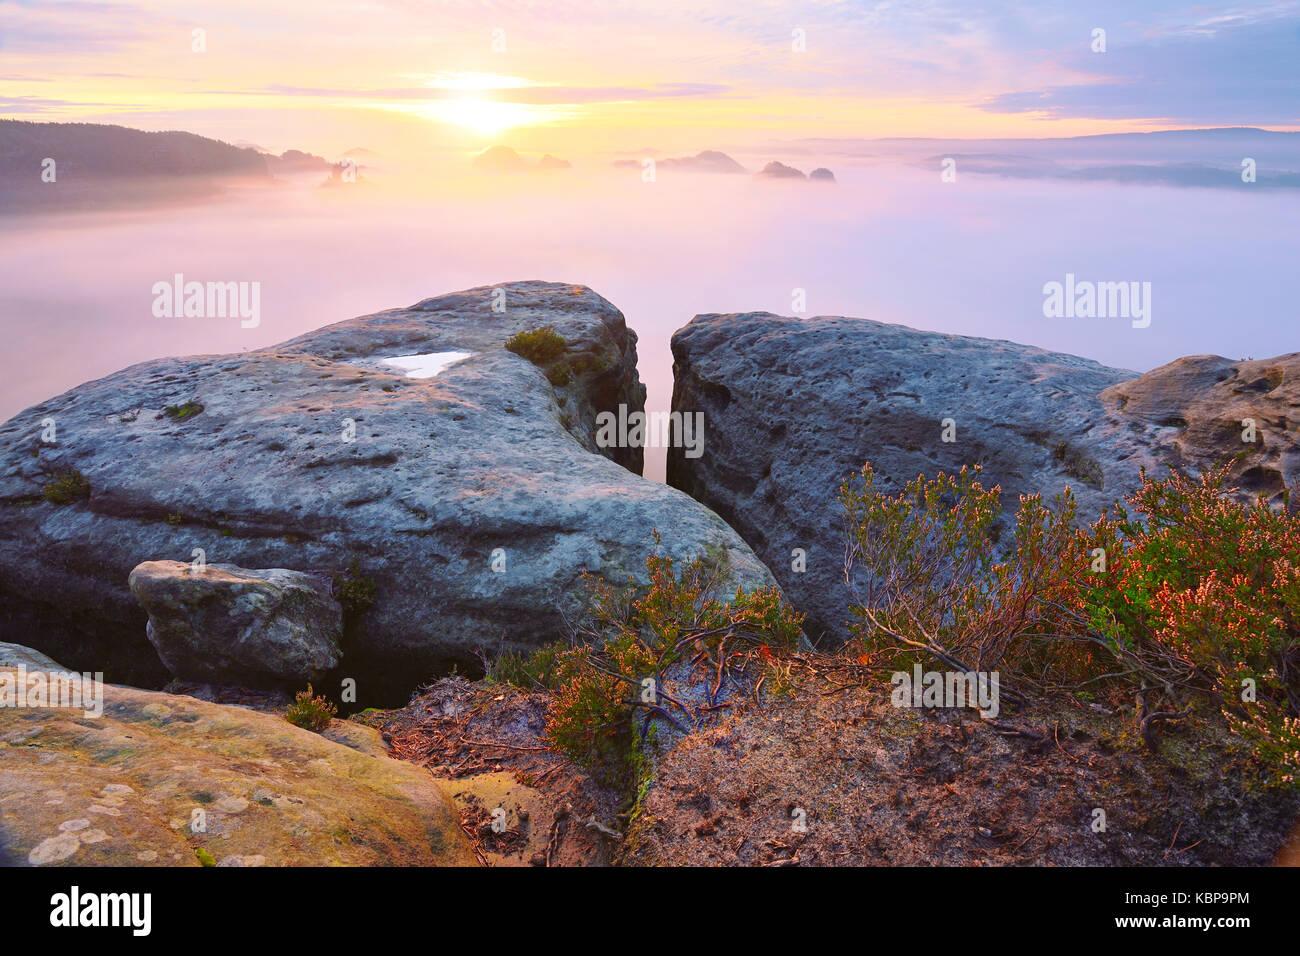 Erstaunliche moment in herbstlichen Tagesanbruch in Sächsische Schweiz Nationalpark. Scharfe Spitzen aus Sandstein Stockbild